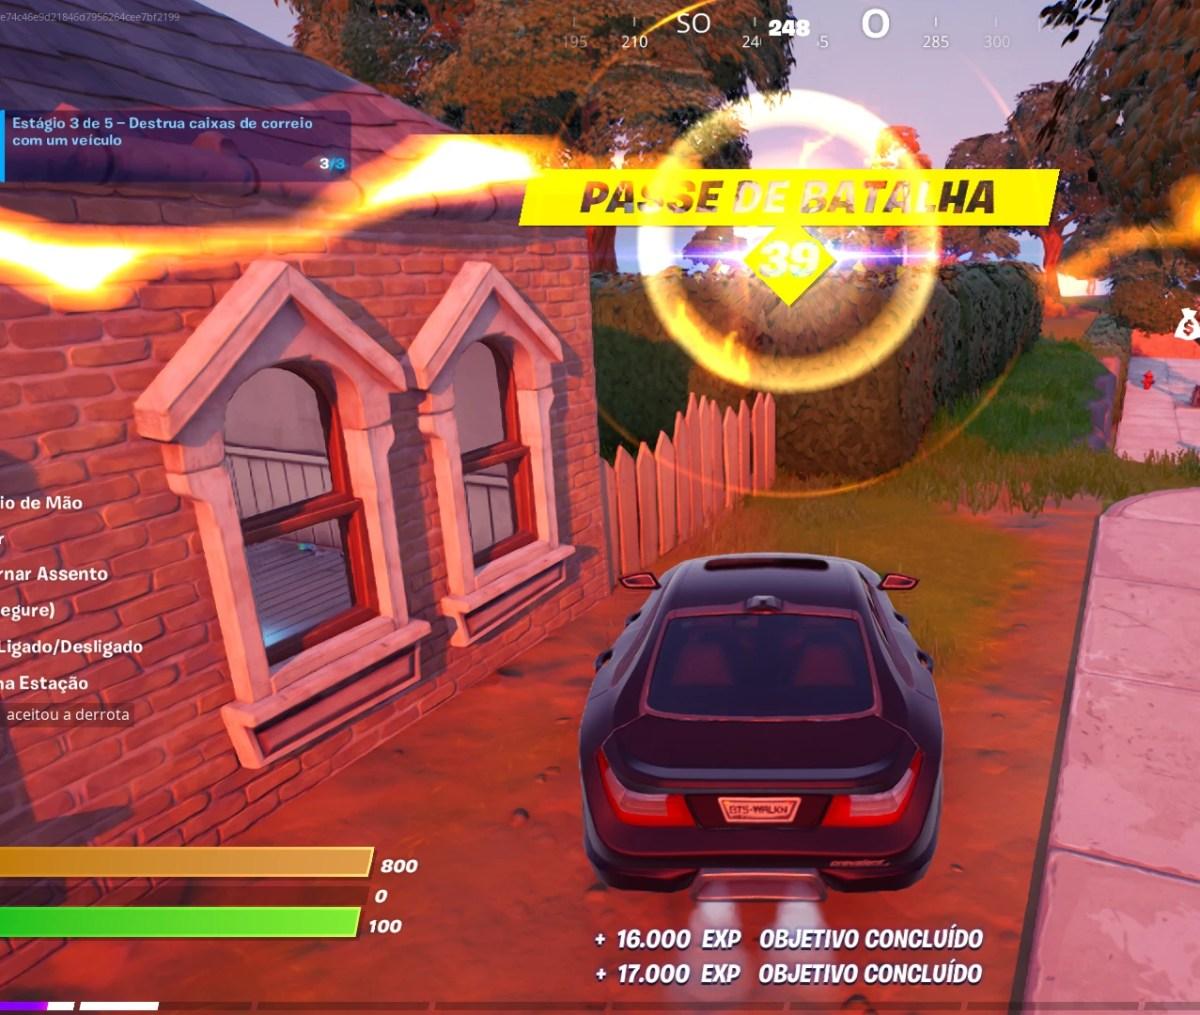 Guia de Fortnite - Destruindo uma caixa de correio com um carro 06 - Alameda Arborizada